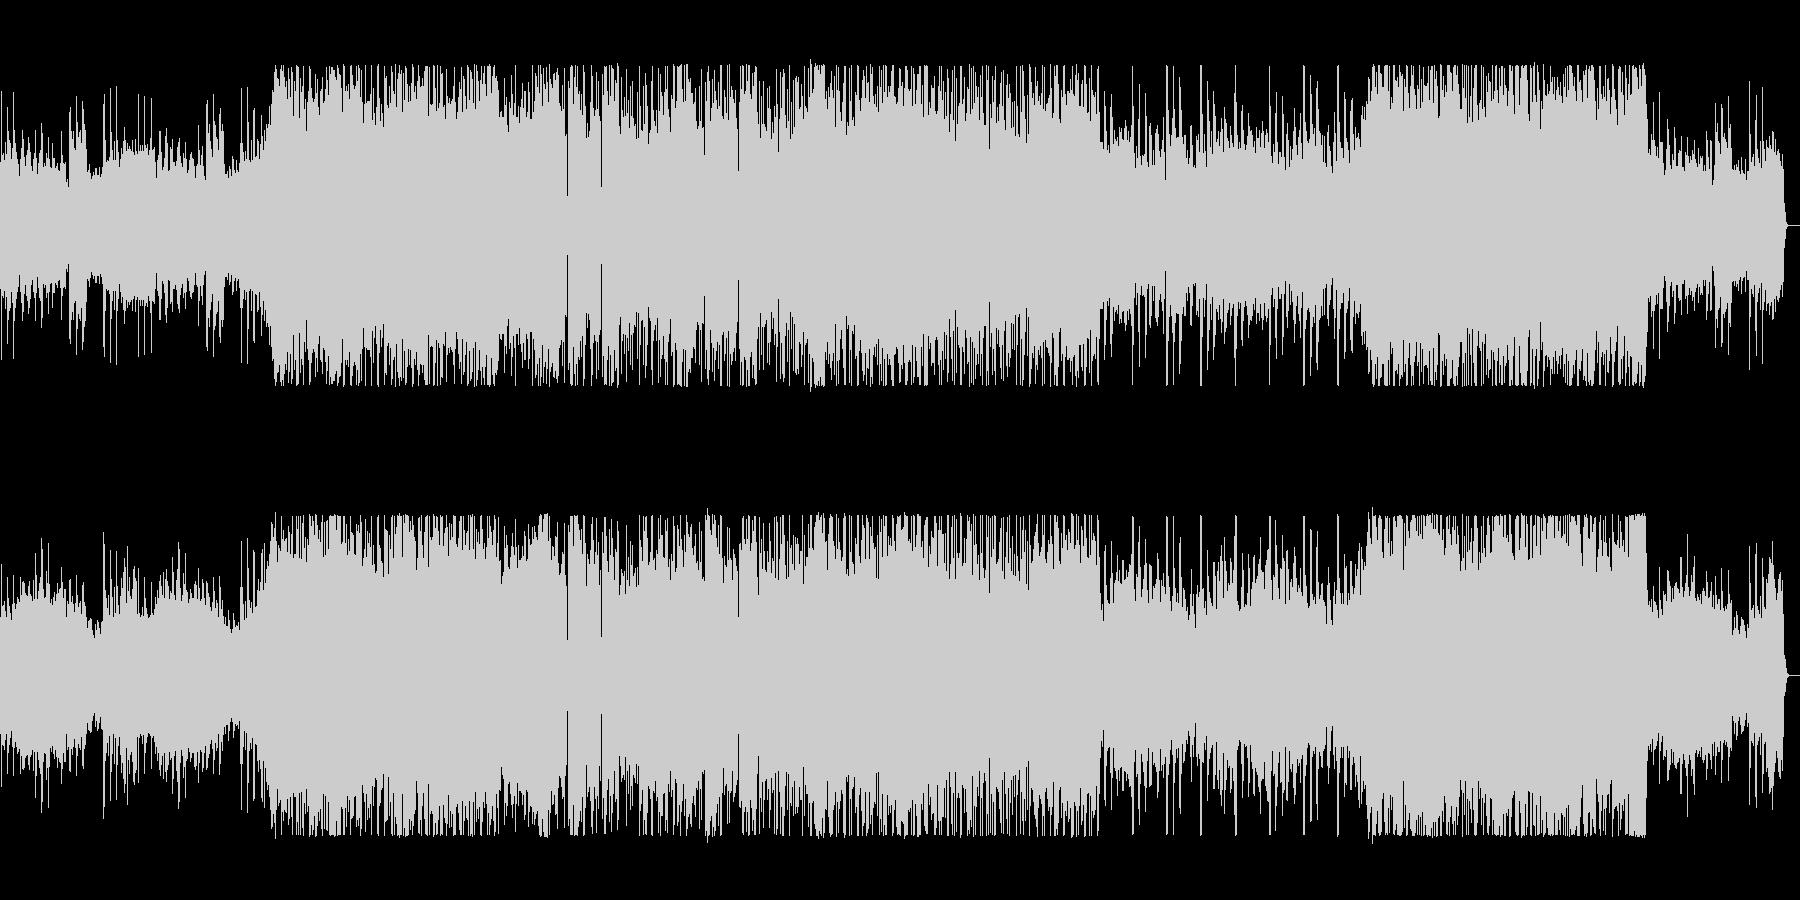 疾走感とワクワク感のシンセギターサウンドの未再生の波形